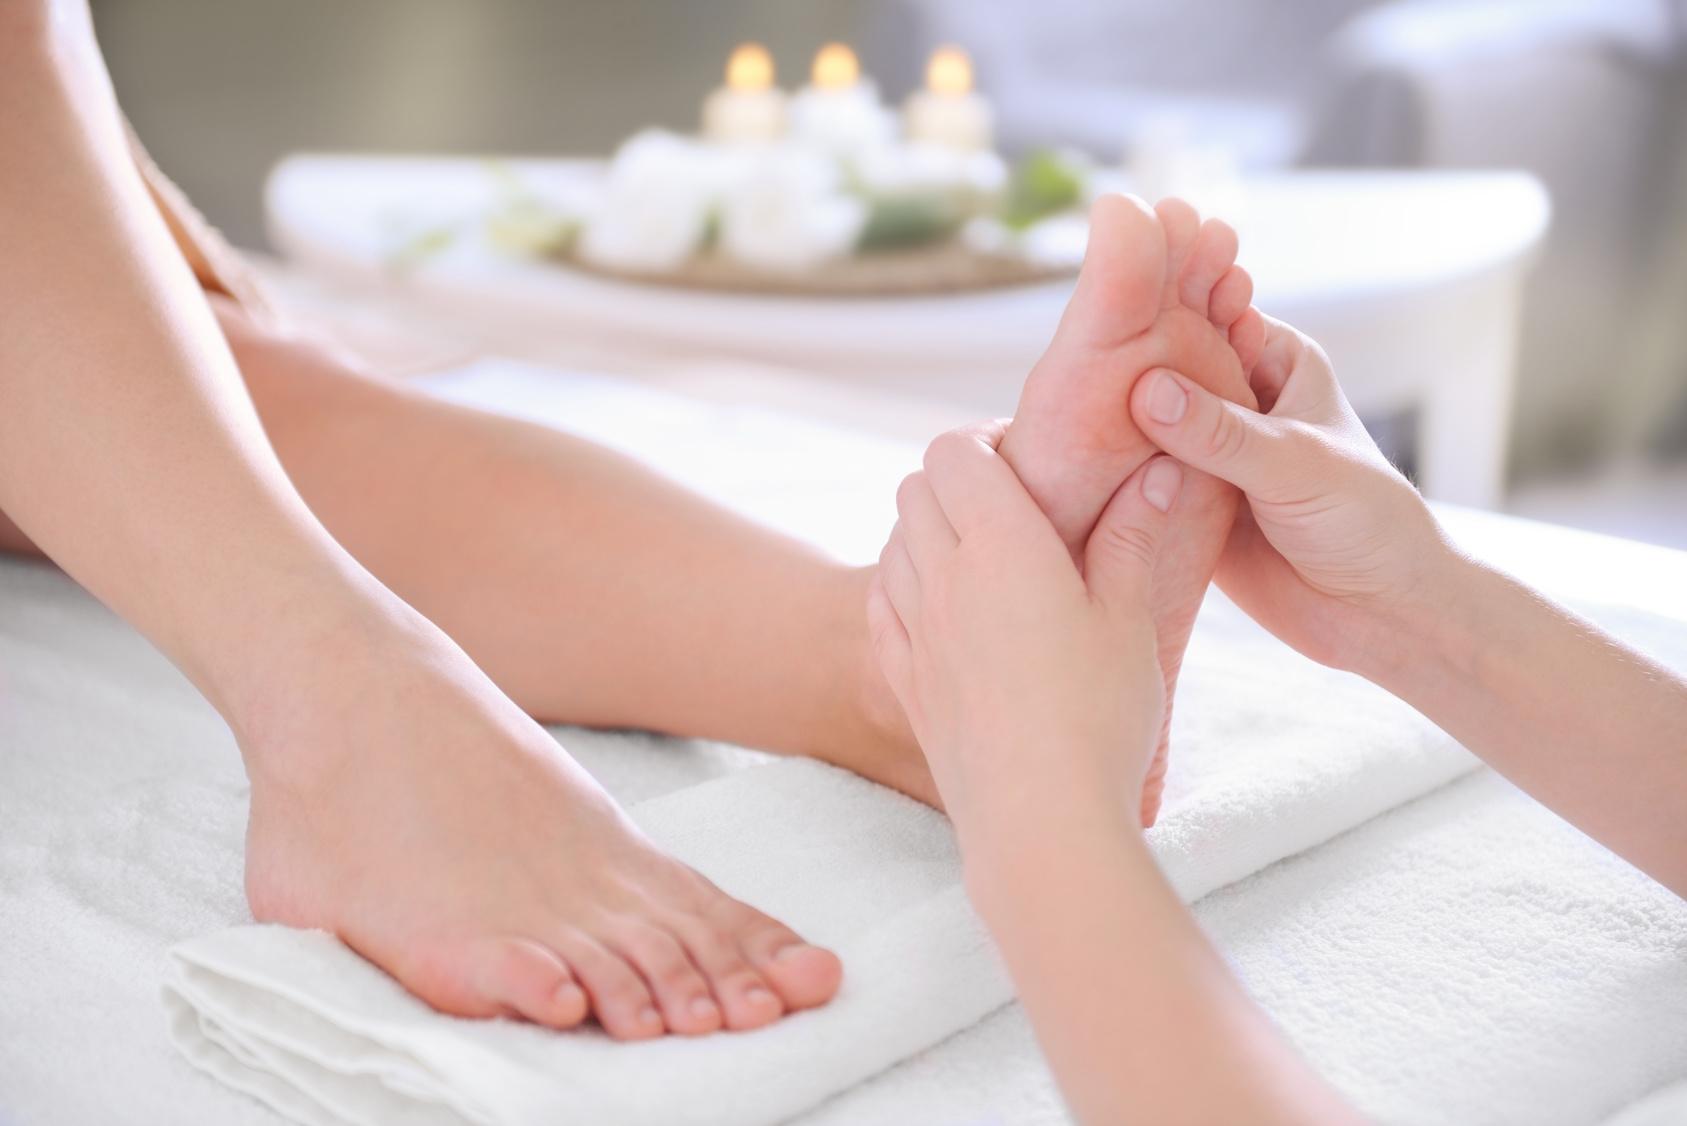 Dzień kobiet – SPA dla stóp -relaksacyjny masaż z elementami refleksologii!